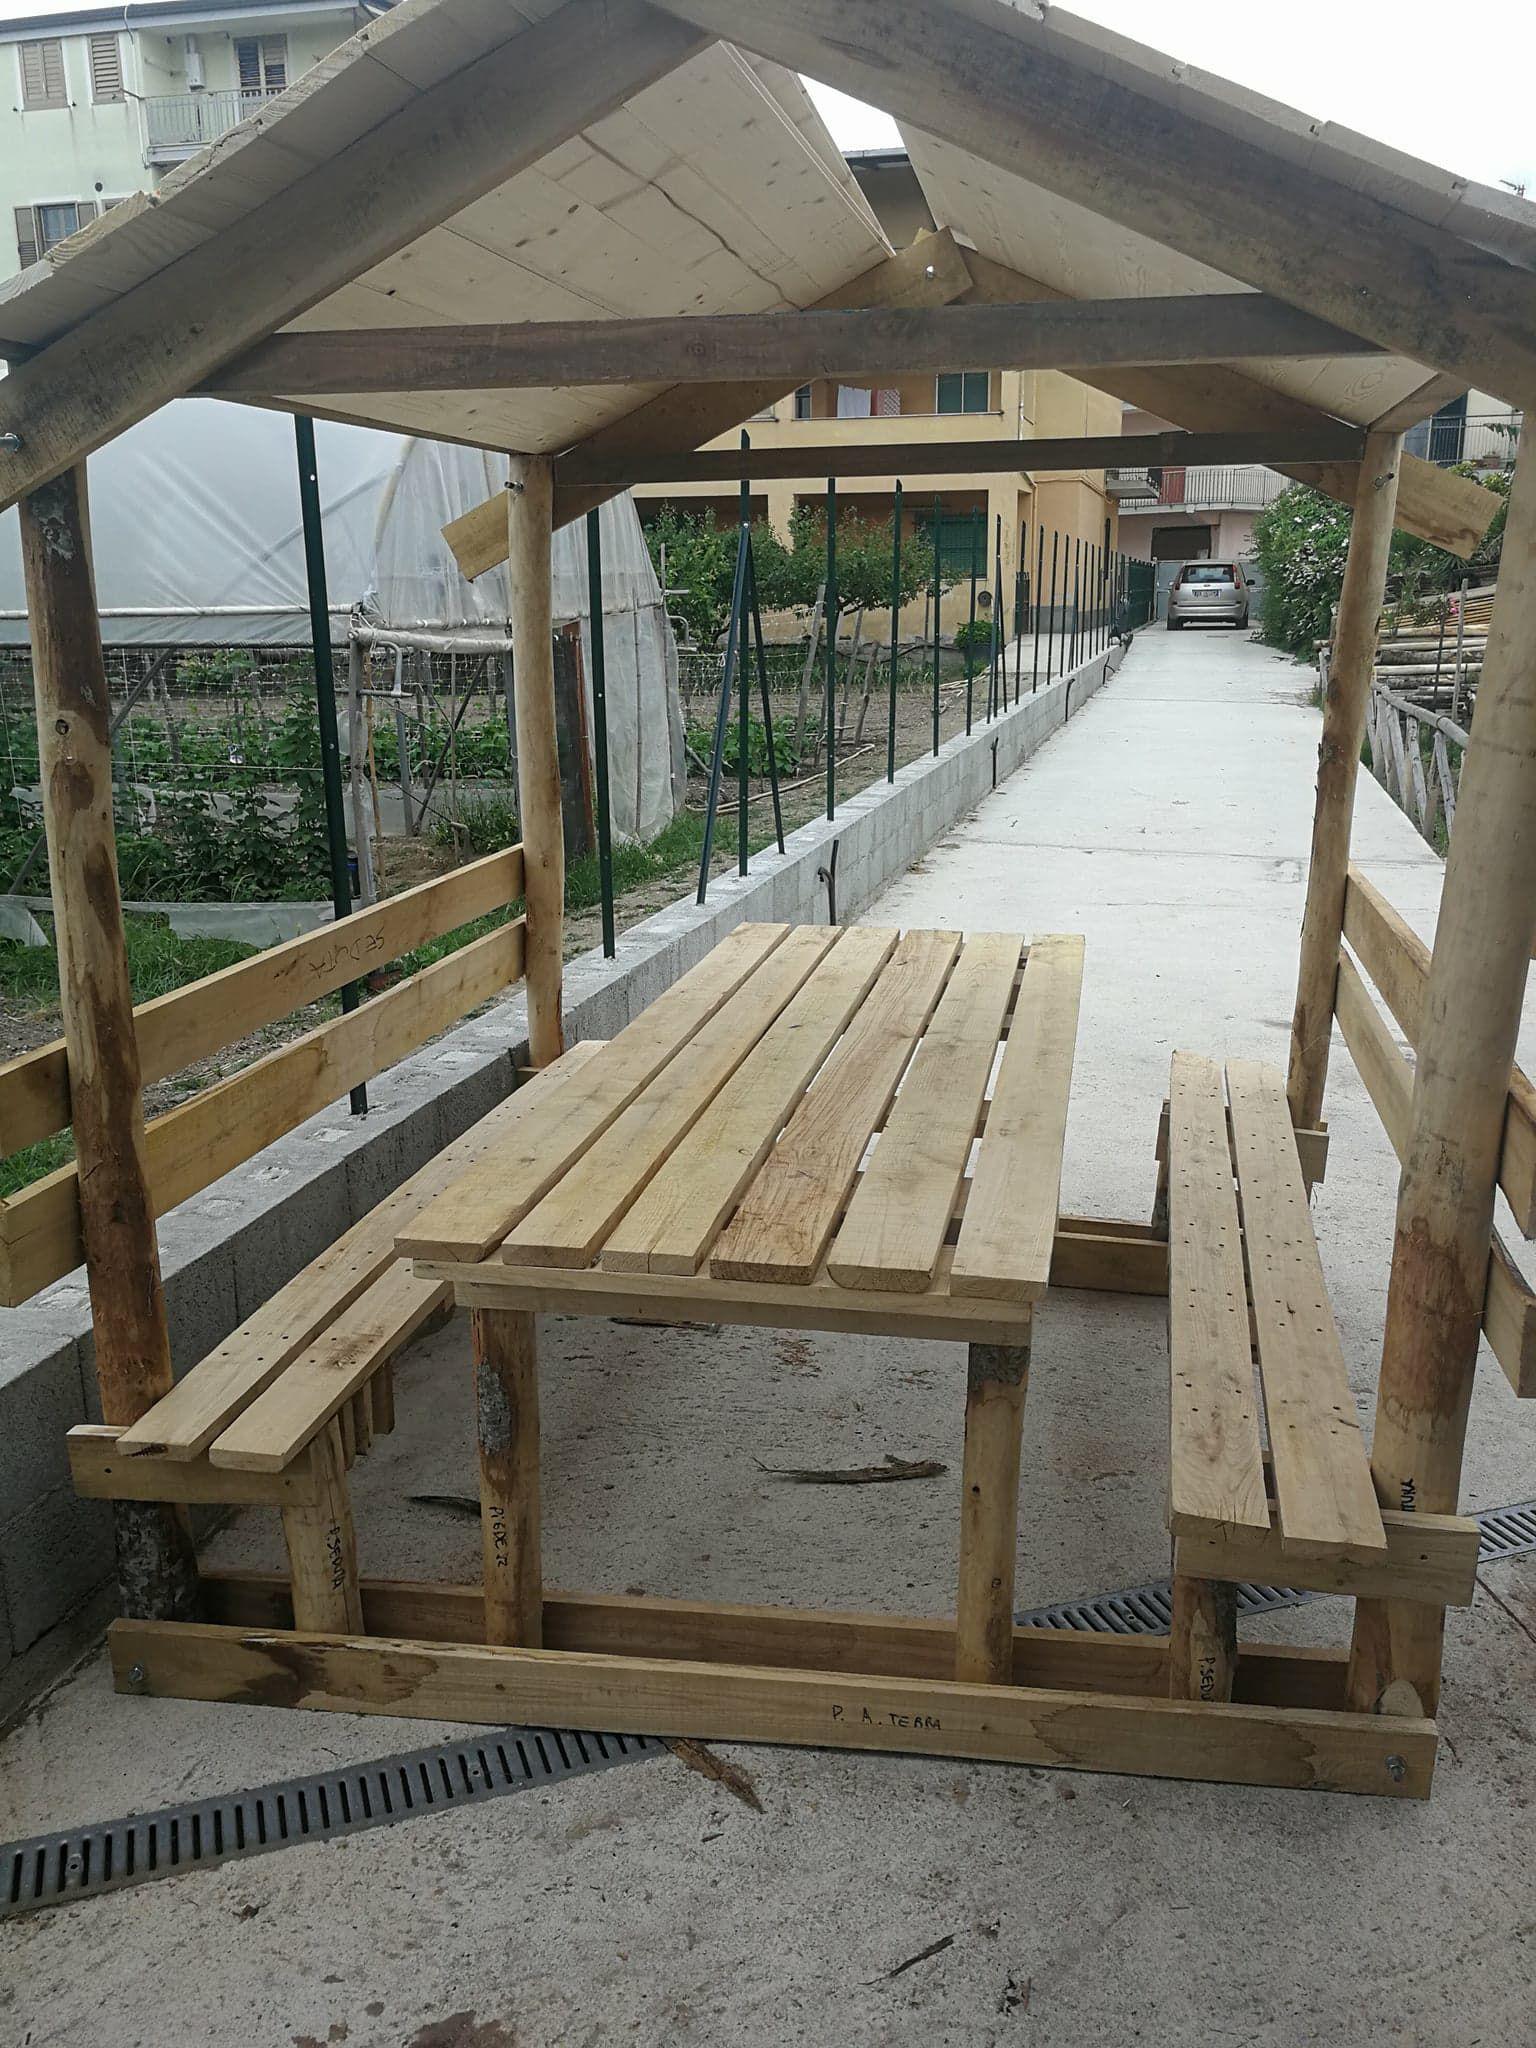 Luci Per Tettoia In Legno wood art ely tavolo pic-nic con tettoia, legno massello di